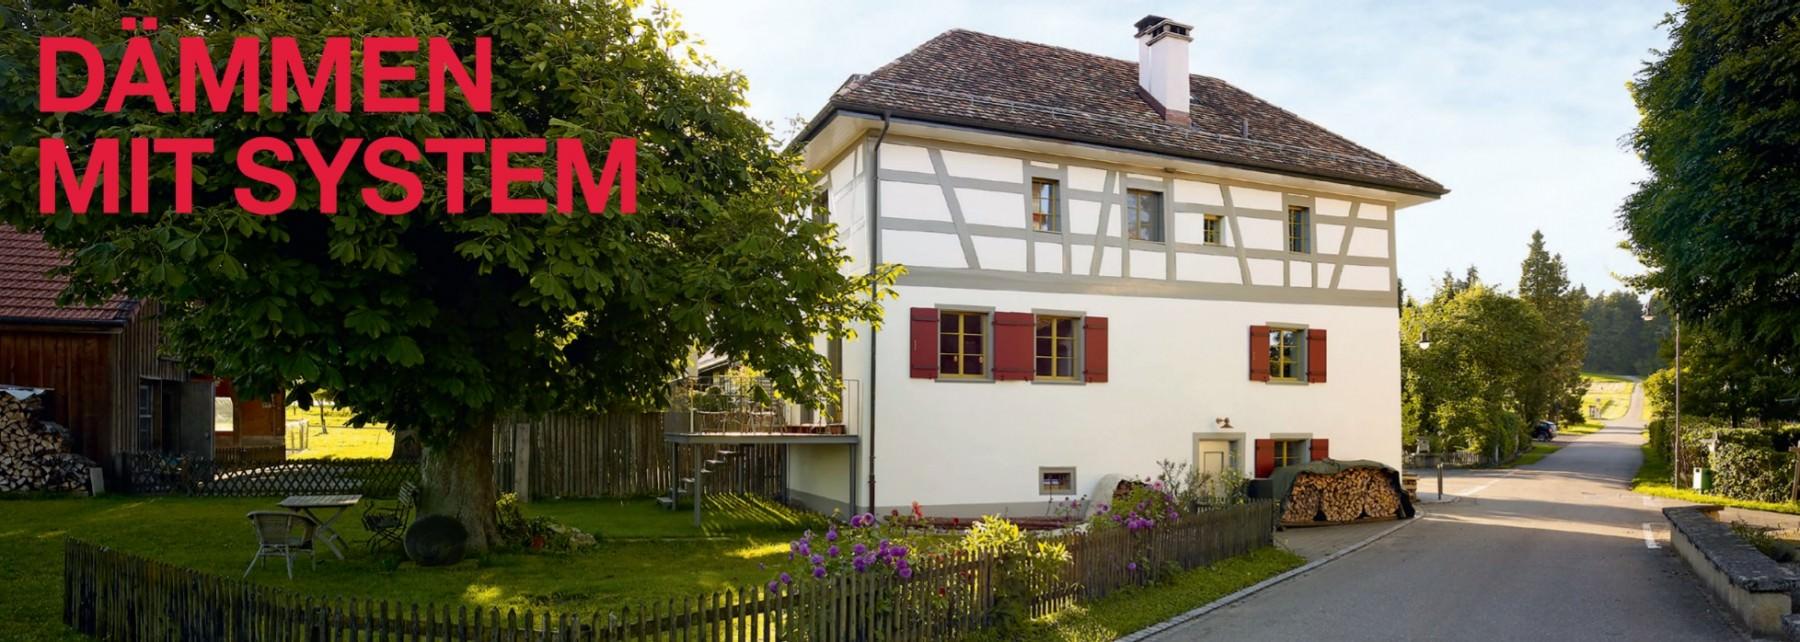 Ob für Fassade, Kellerdecke oder Dachboden, wir versorgen Sie mit fachgerechter Dämmung. Nutzen Sie die Chancen im Bereich Wärmedämmung optimal